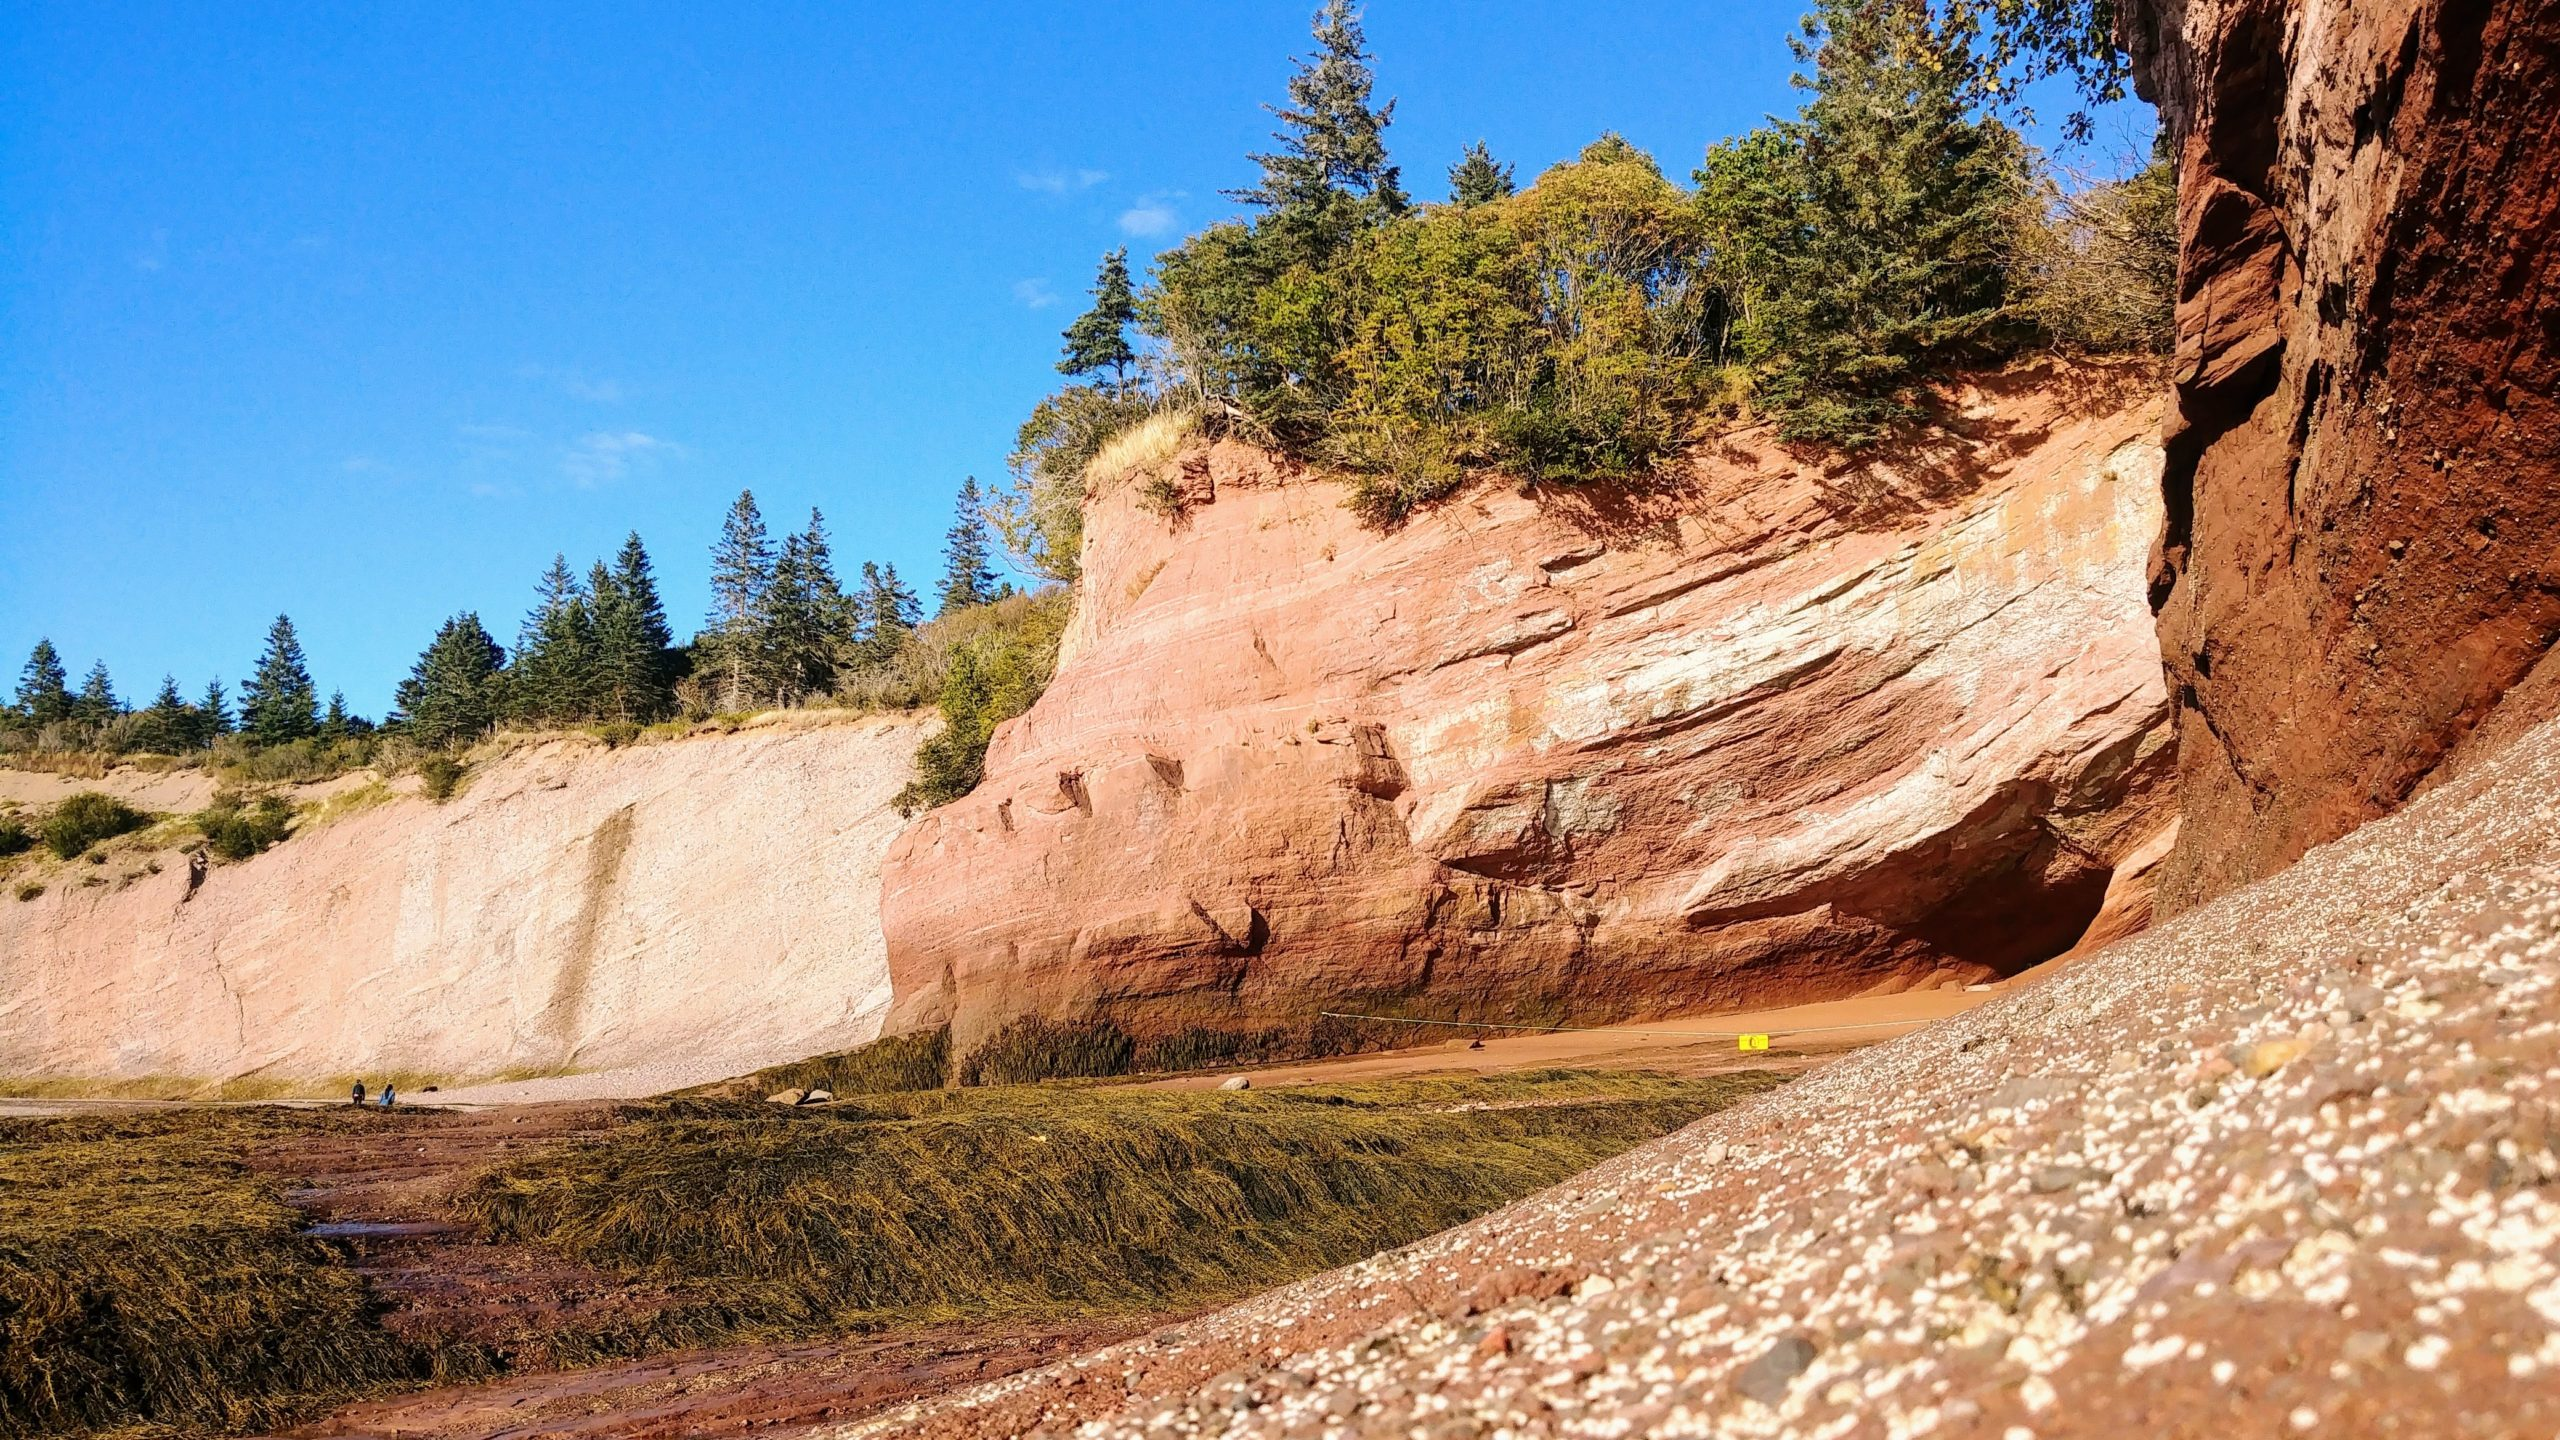 St Martins seacaves grottes infos pratiques Fundy Nouveau-Brunswick Canada blog voyage arpenter le chemin